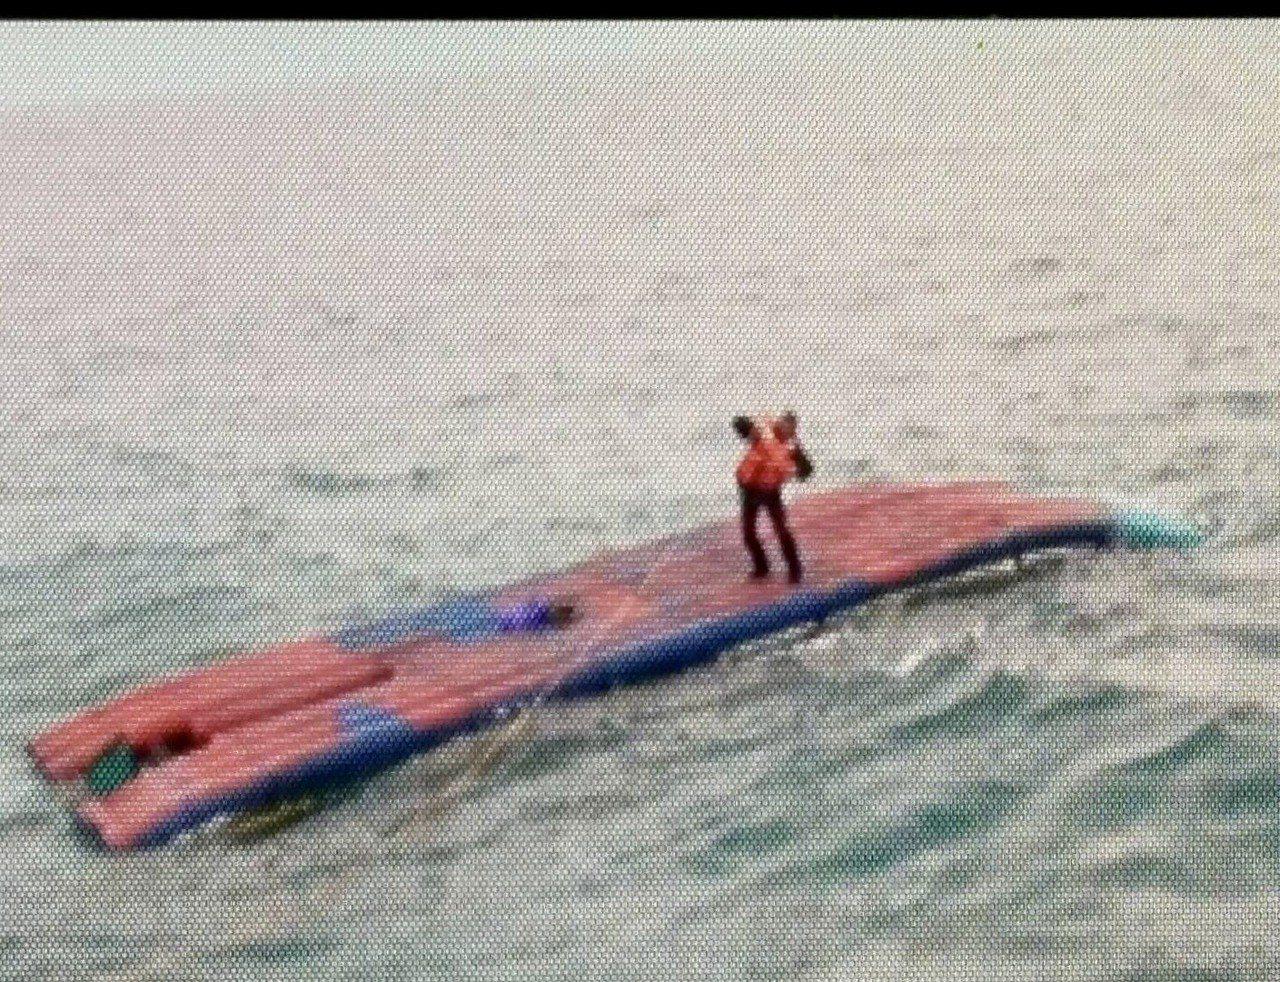 台南安平沿海今天風浪大,何姓船長站在翻覆管筏上待援。記者黃宣翰/翻攝